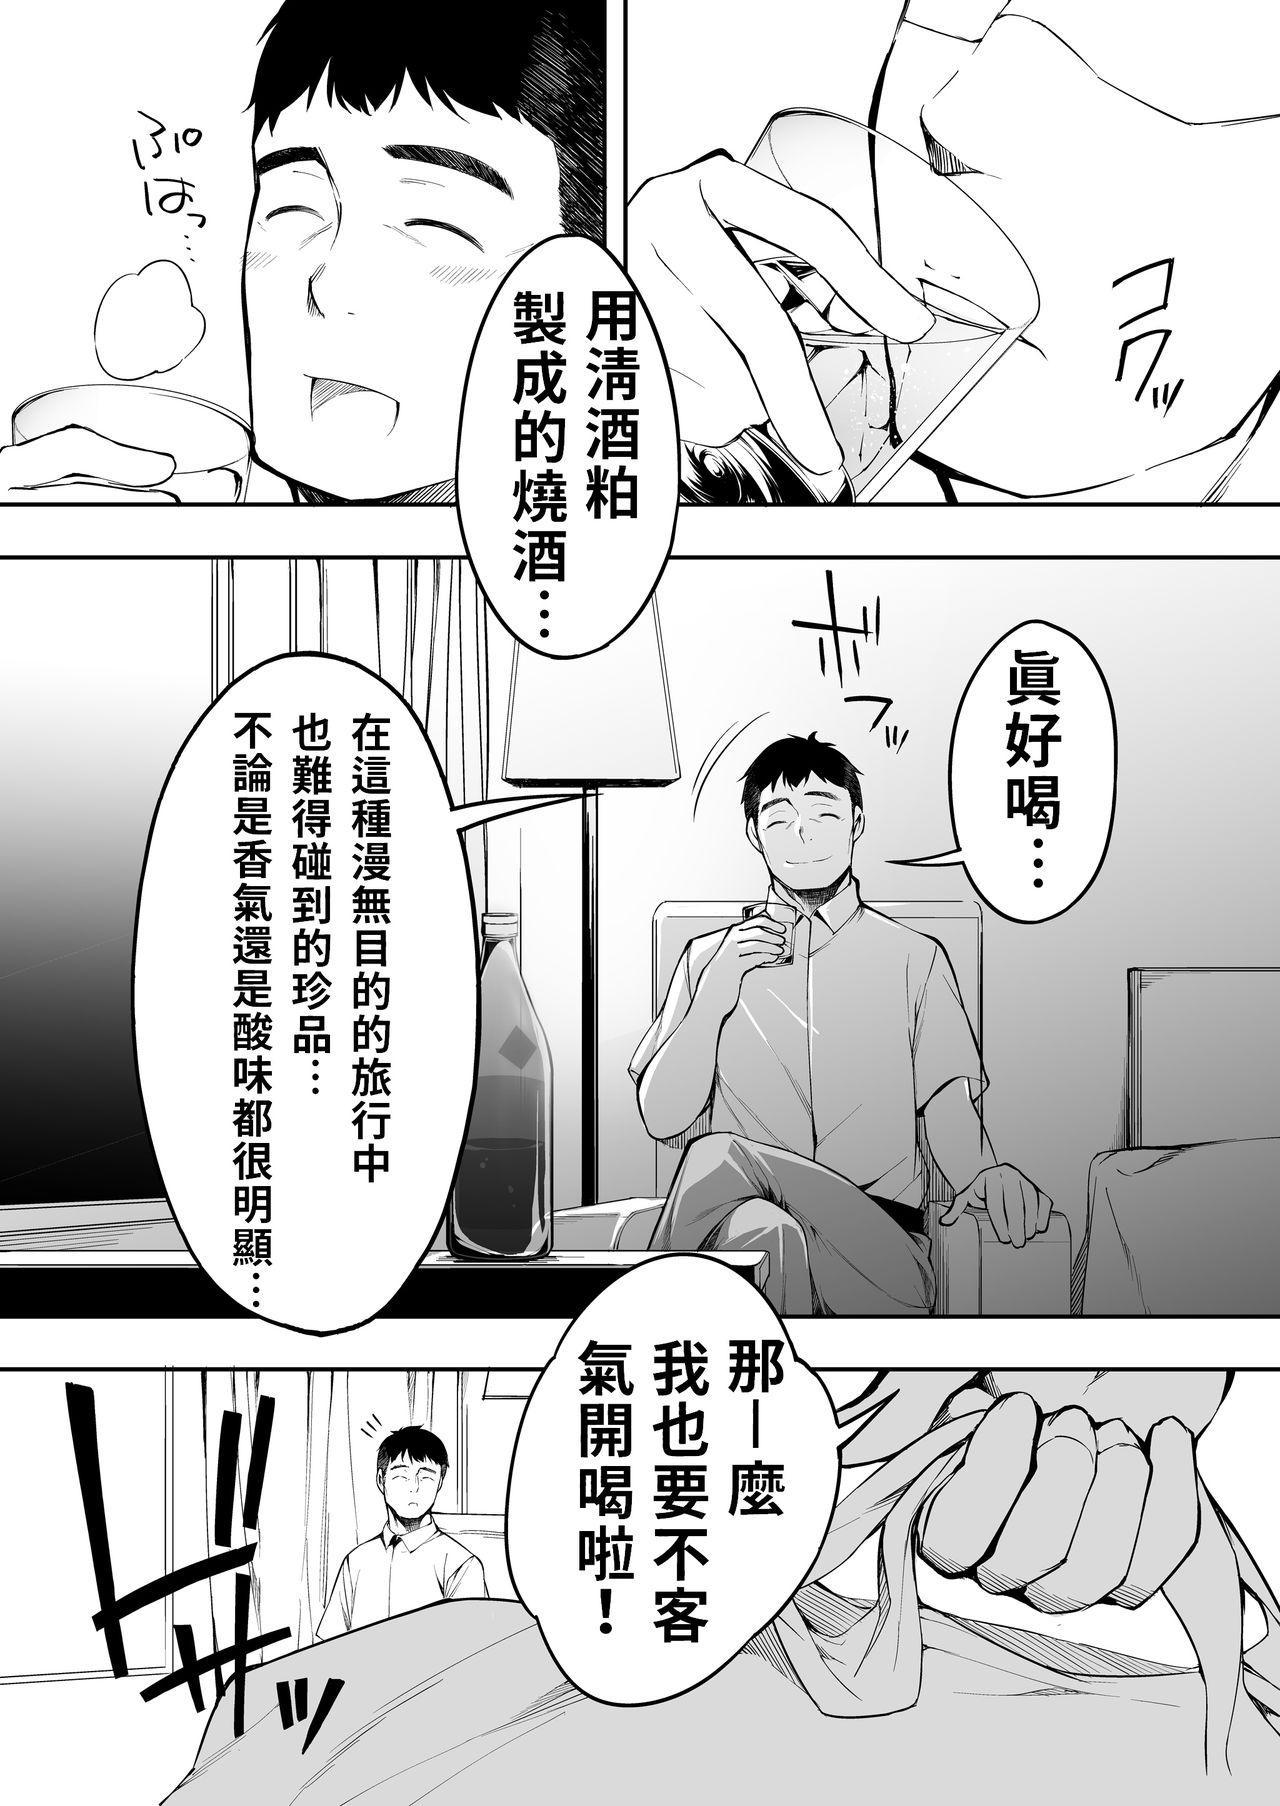 Panpan Travelers Hakata Shuudan Rape Ryokou | 吃飯兼炒飯TRAVELERS~博多集團強●旅行 31